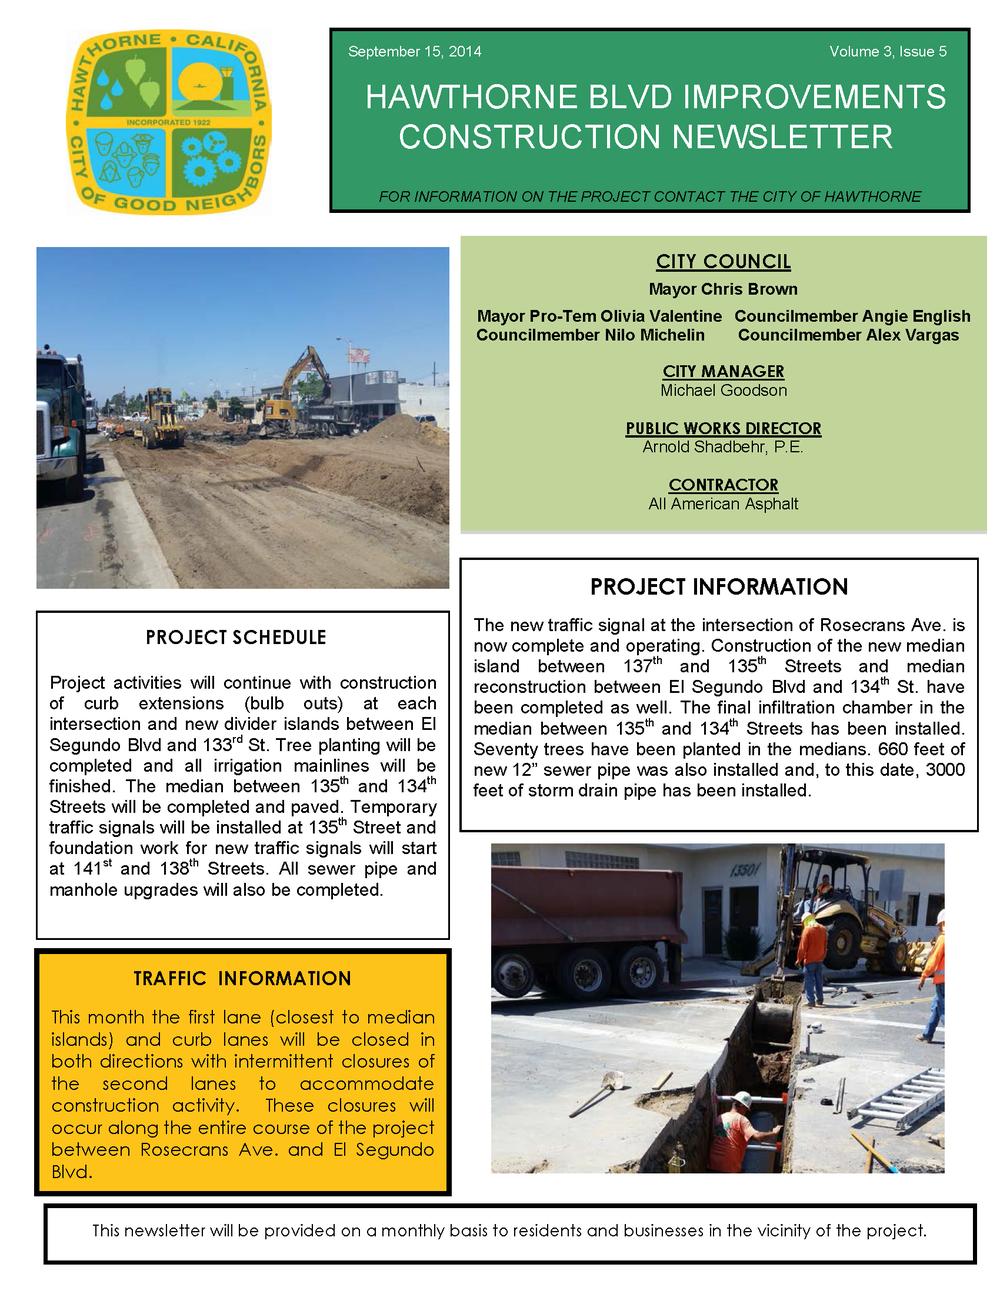 Hawthorne Blvd Improvements Newsletter Sept 2014